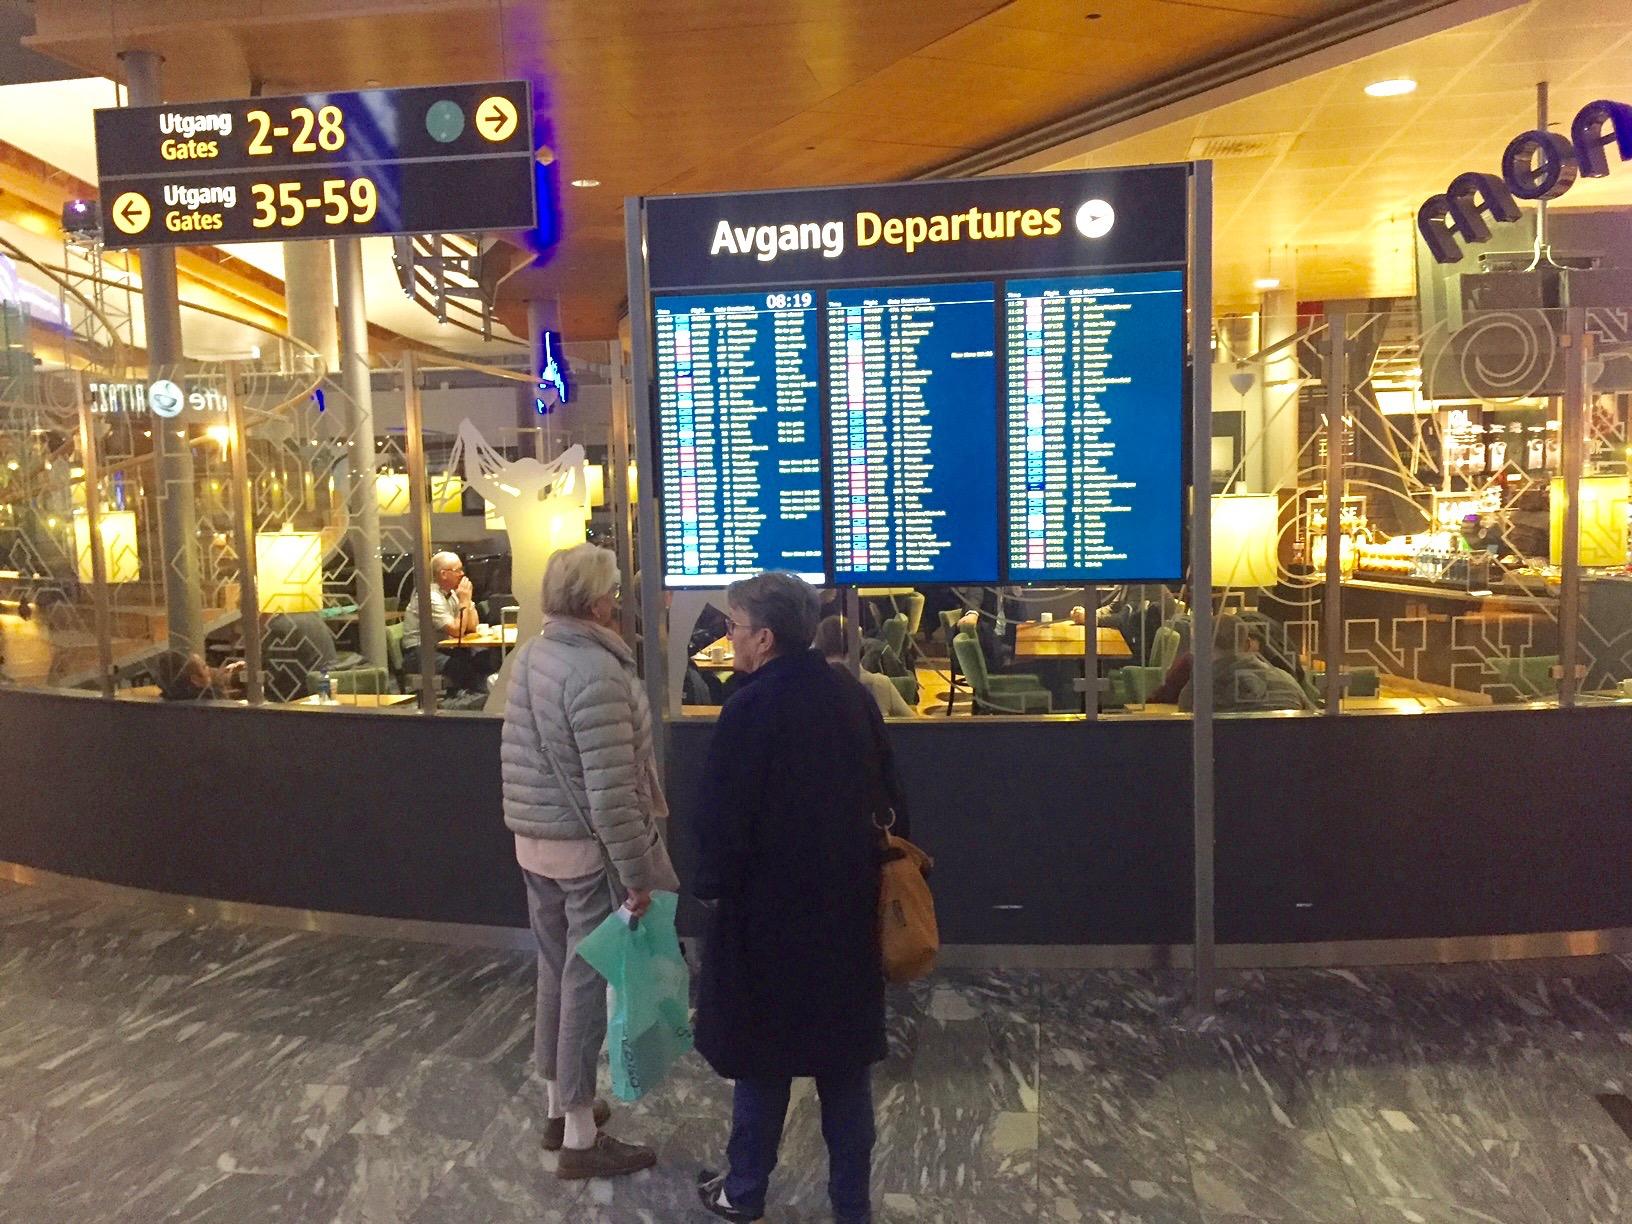 Følg med, nå kommer billigsreisene.                                Foto: Odd Roar Lange